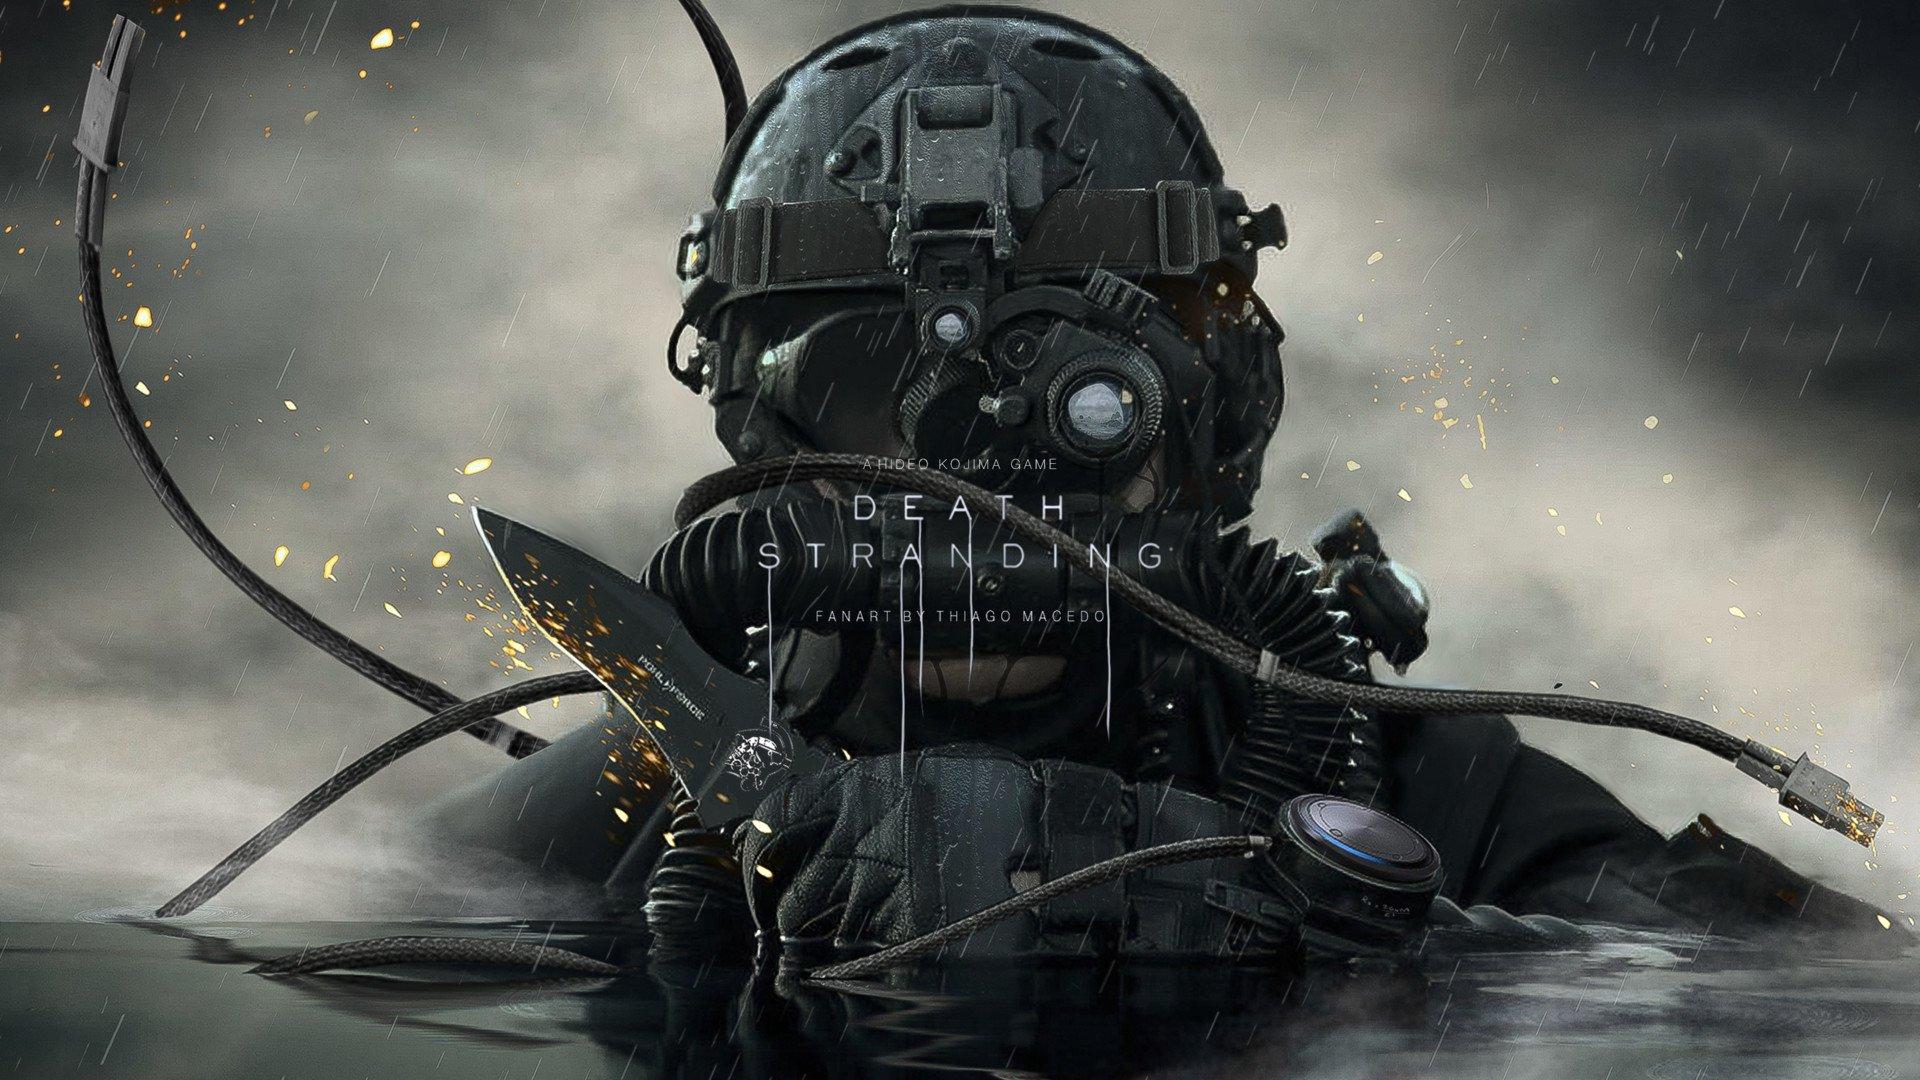 Появились новые постеры Death Stranding с основными персонажами игры